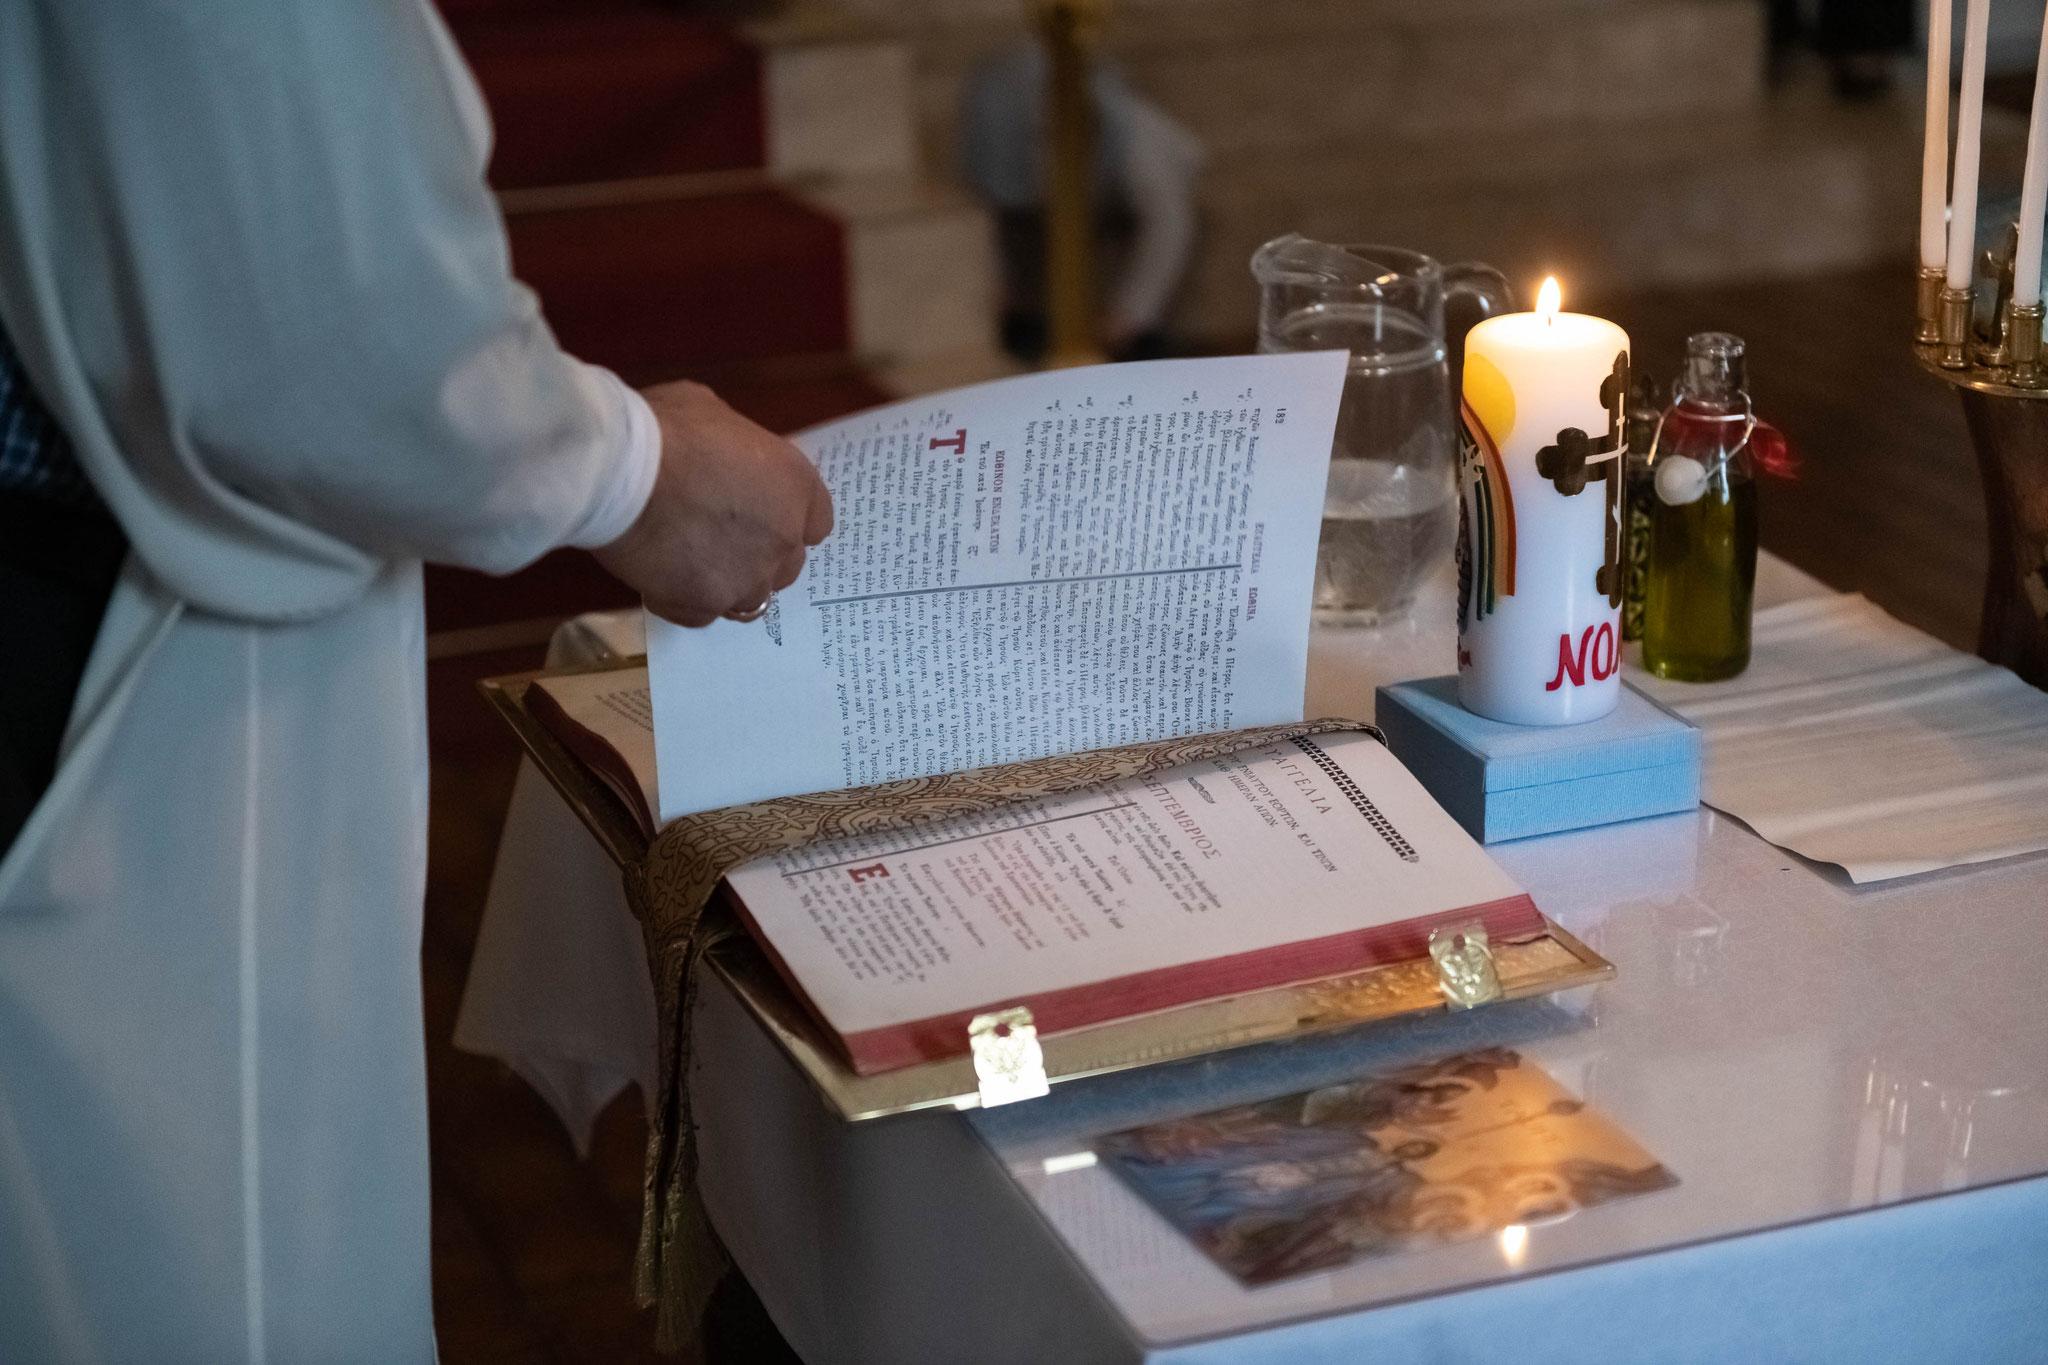 Berufsfotograf für Taufe und kirchliche Zeremonien in Bad Nauheim